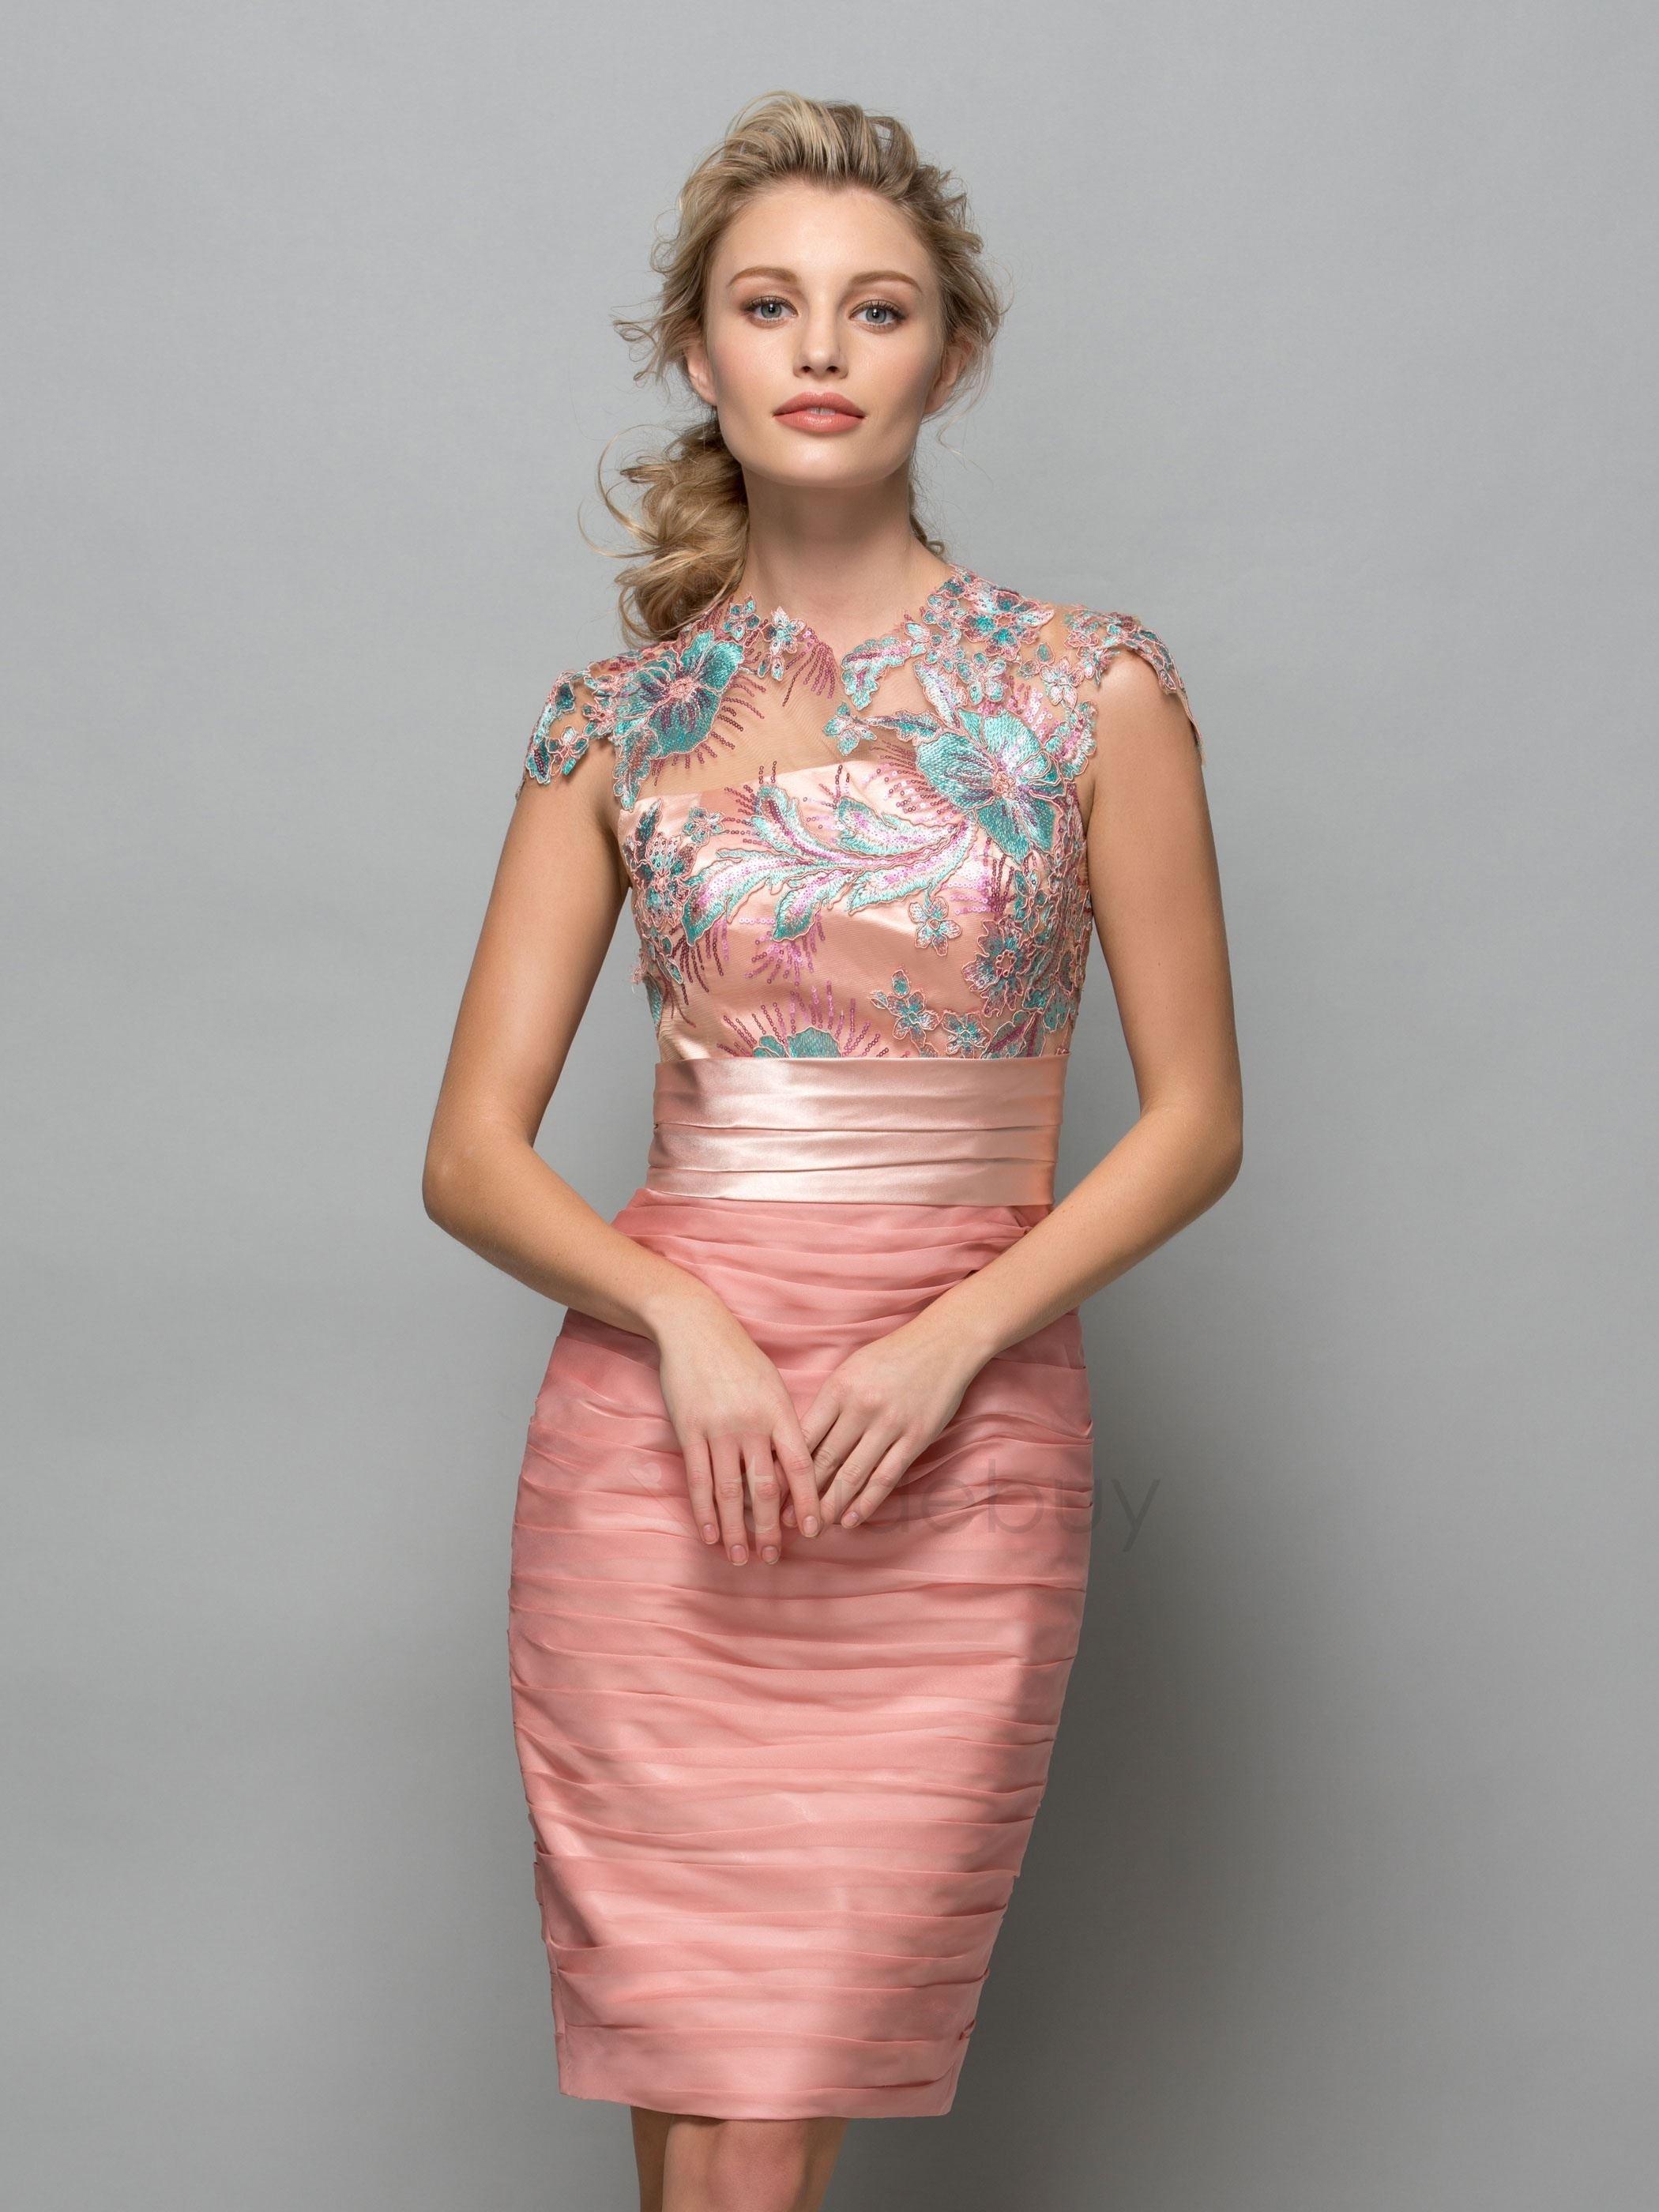 17 Luxurius Moderne Lange Kleider Vertrieb20 Schön Moderne Lange Kleider Stylish